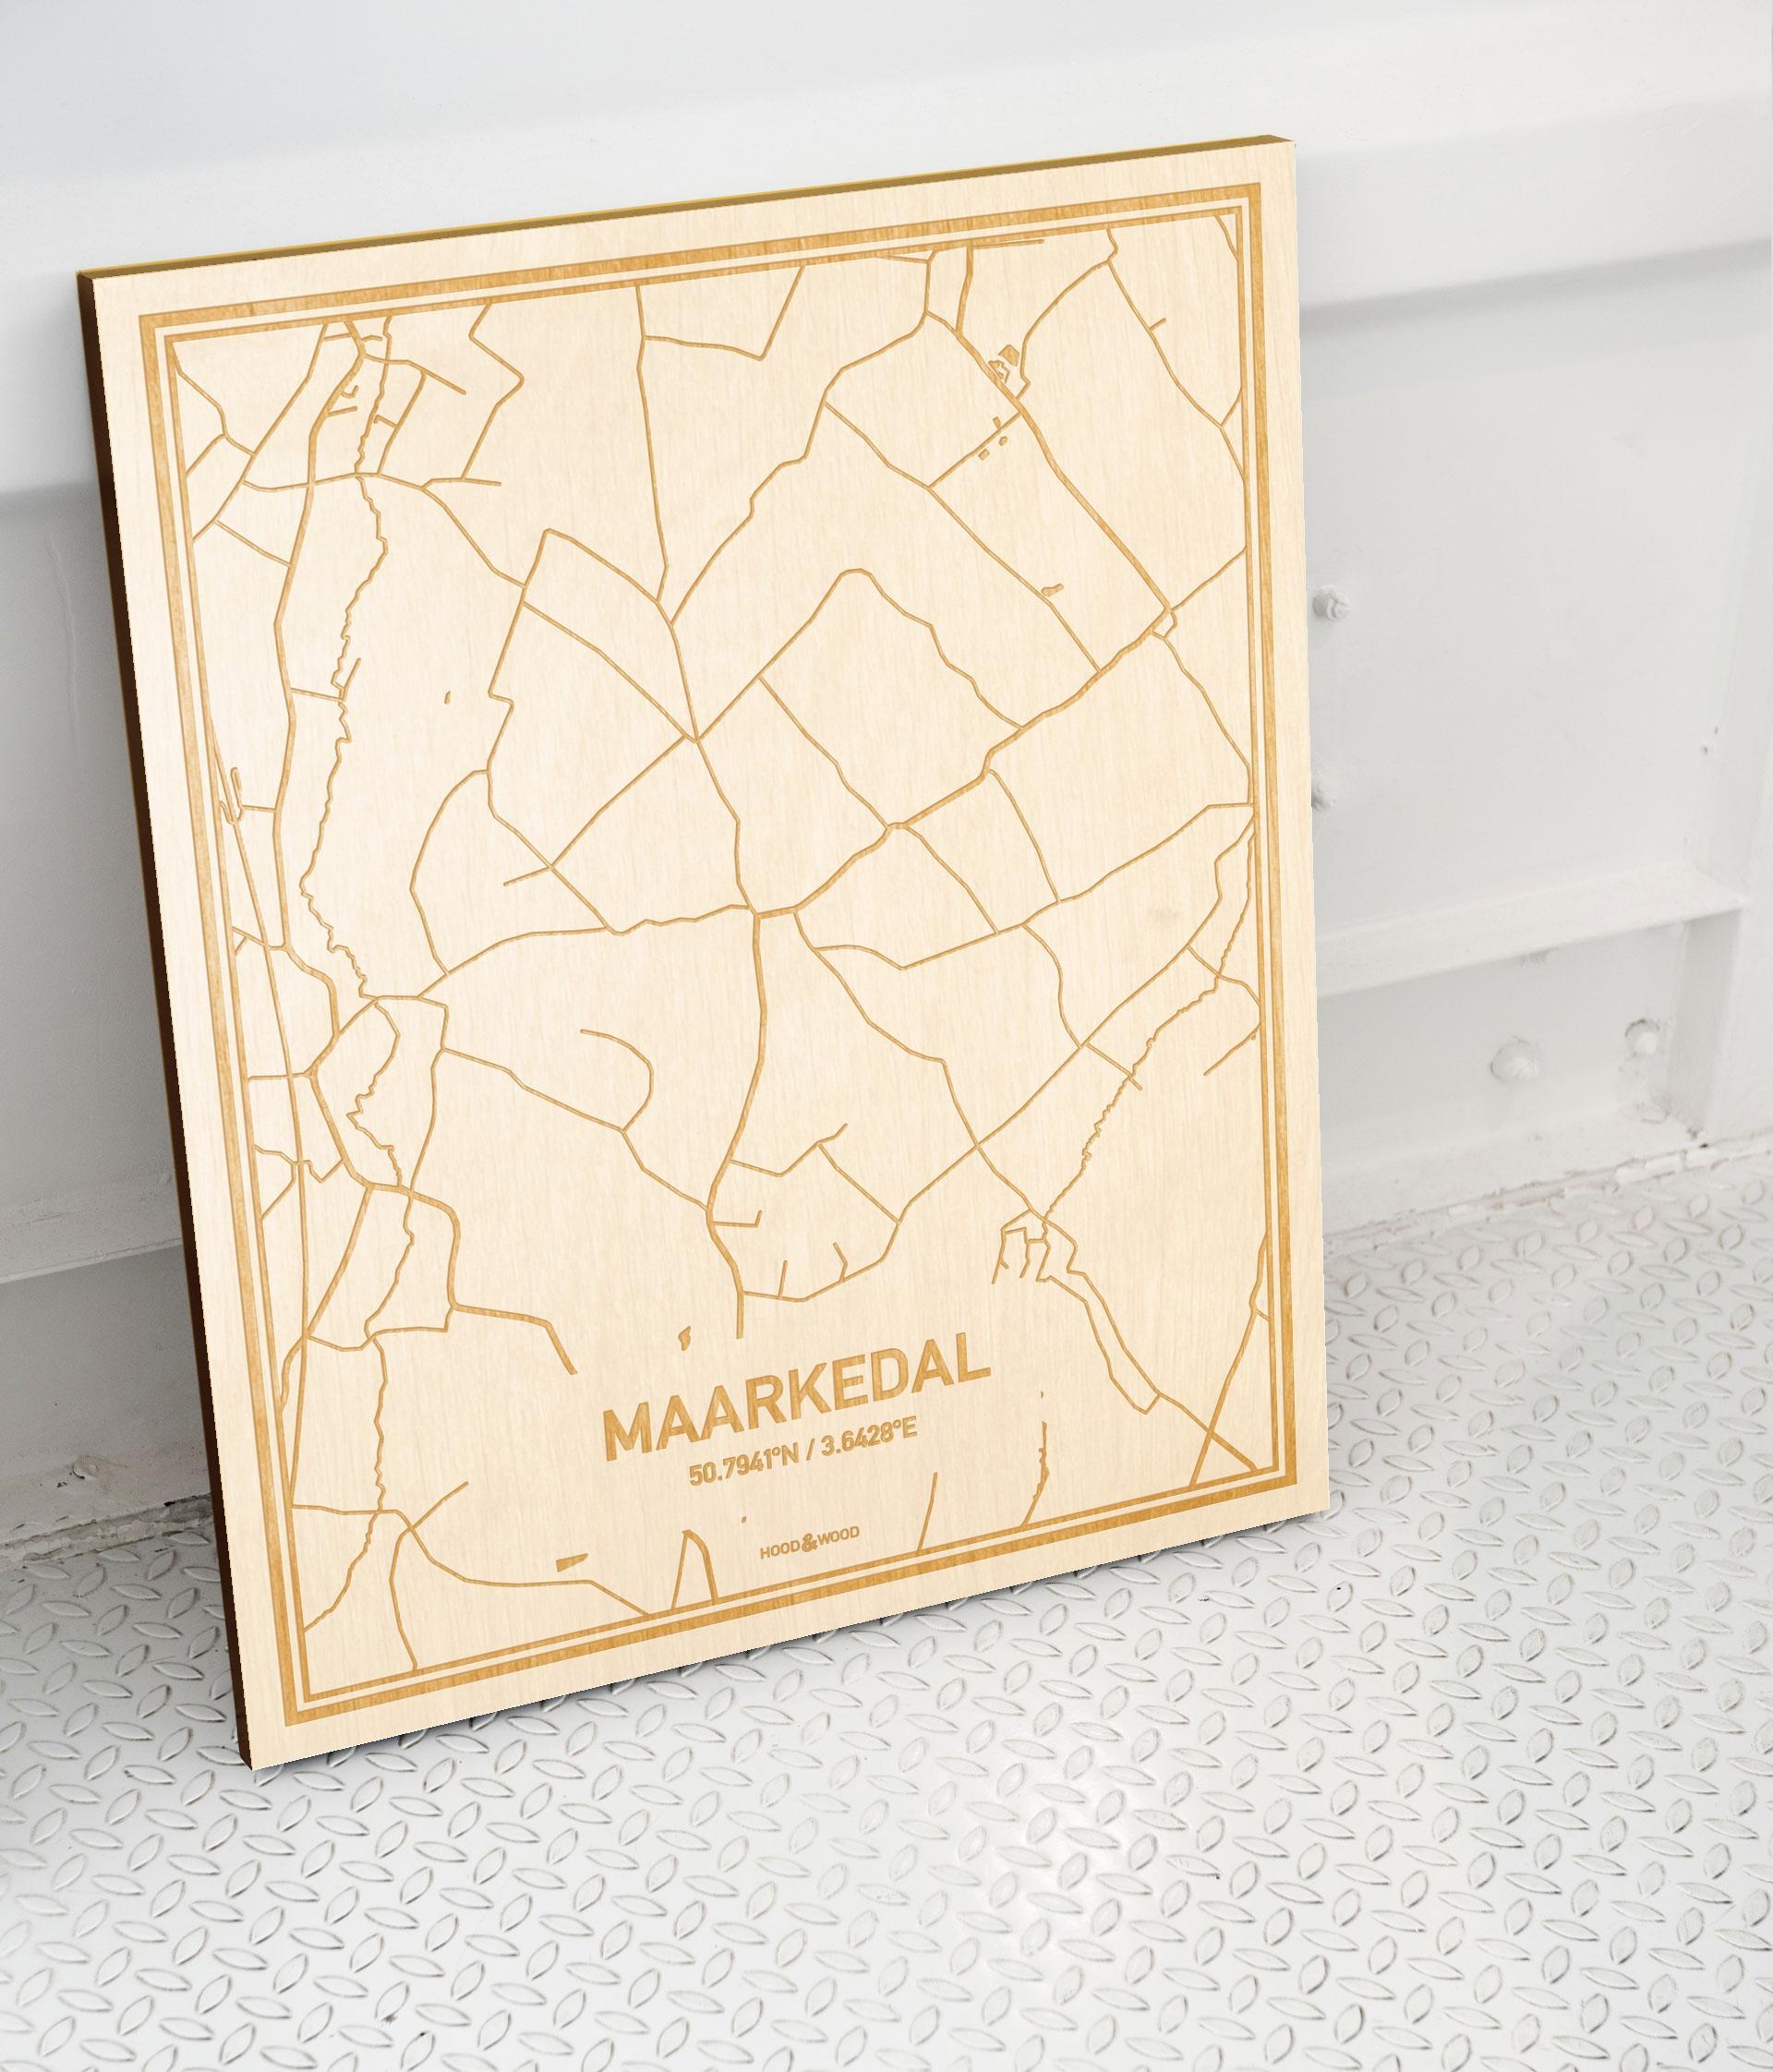 Plattegrond Maarkedal als prachtige houten wanddecoratie. Het warme hout contrasteert mooi met de witte muur.